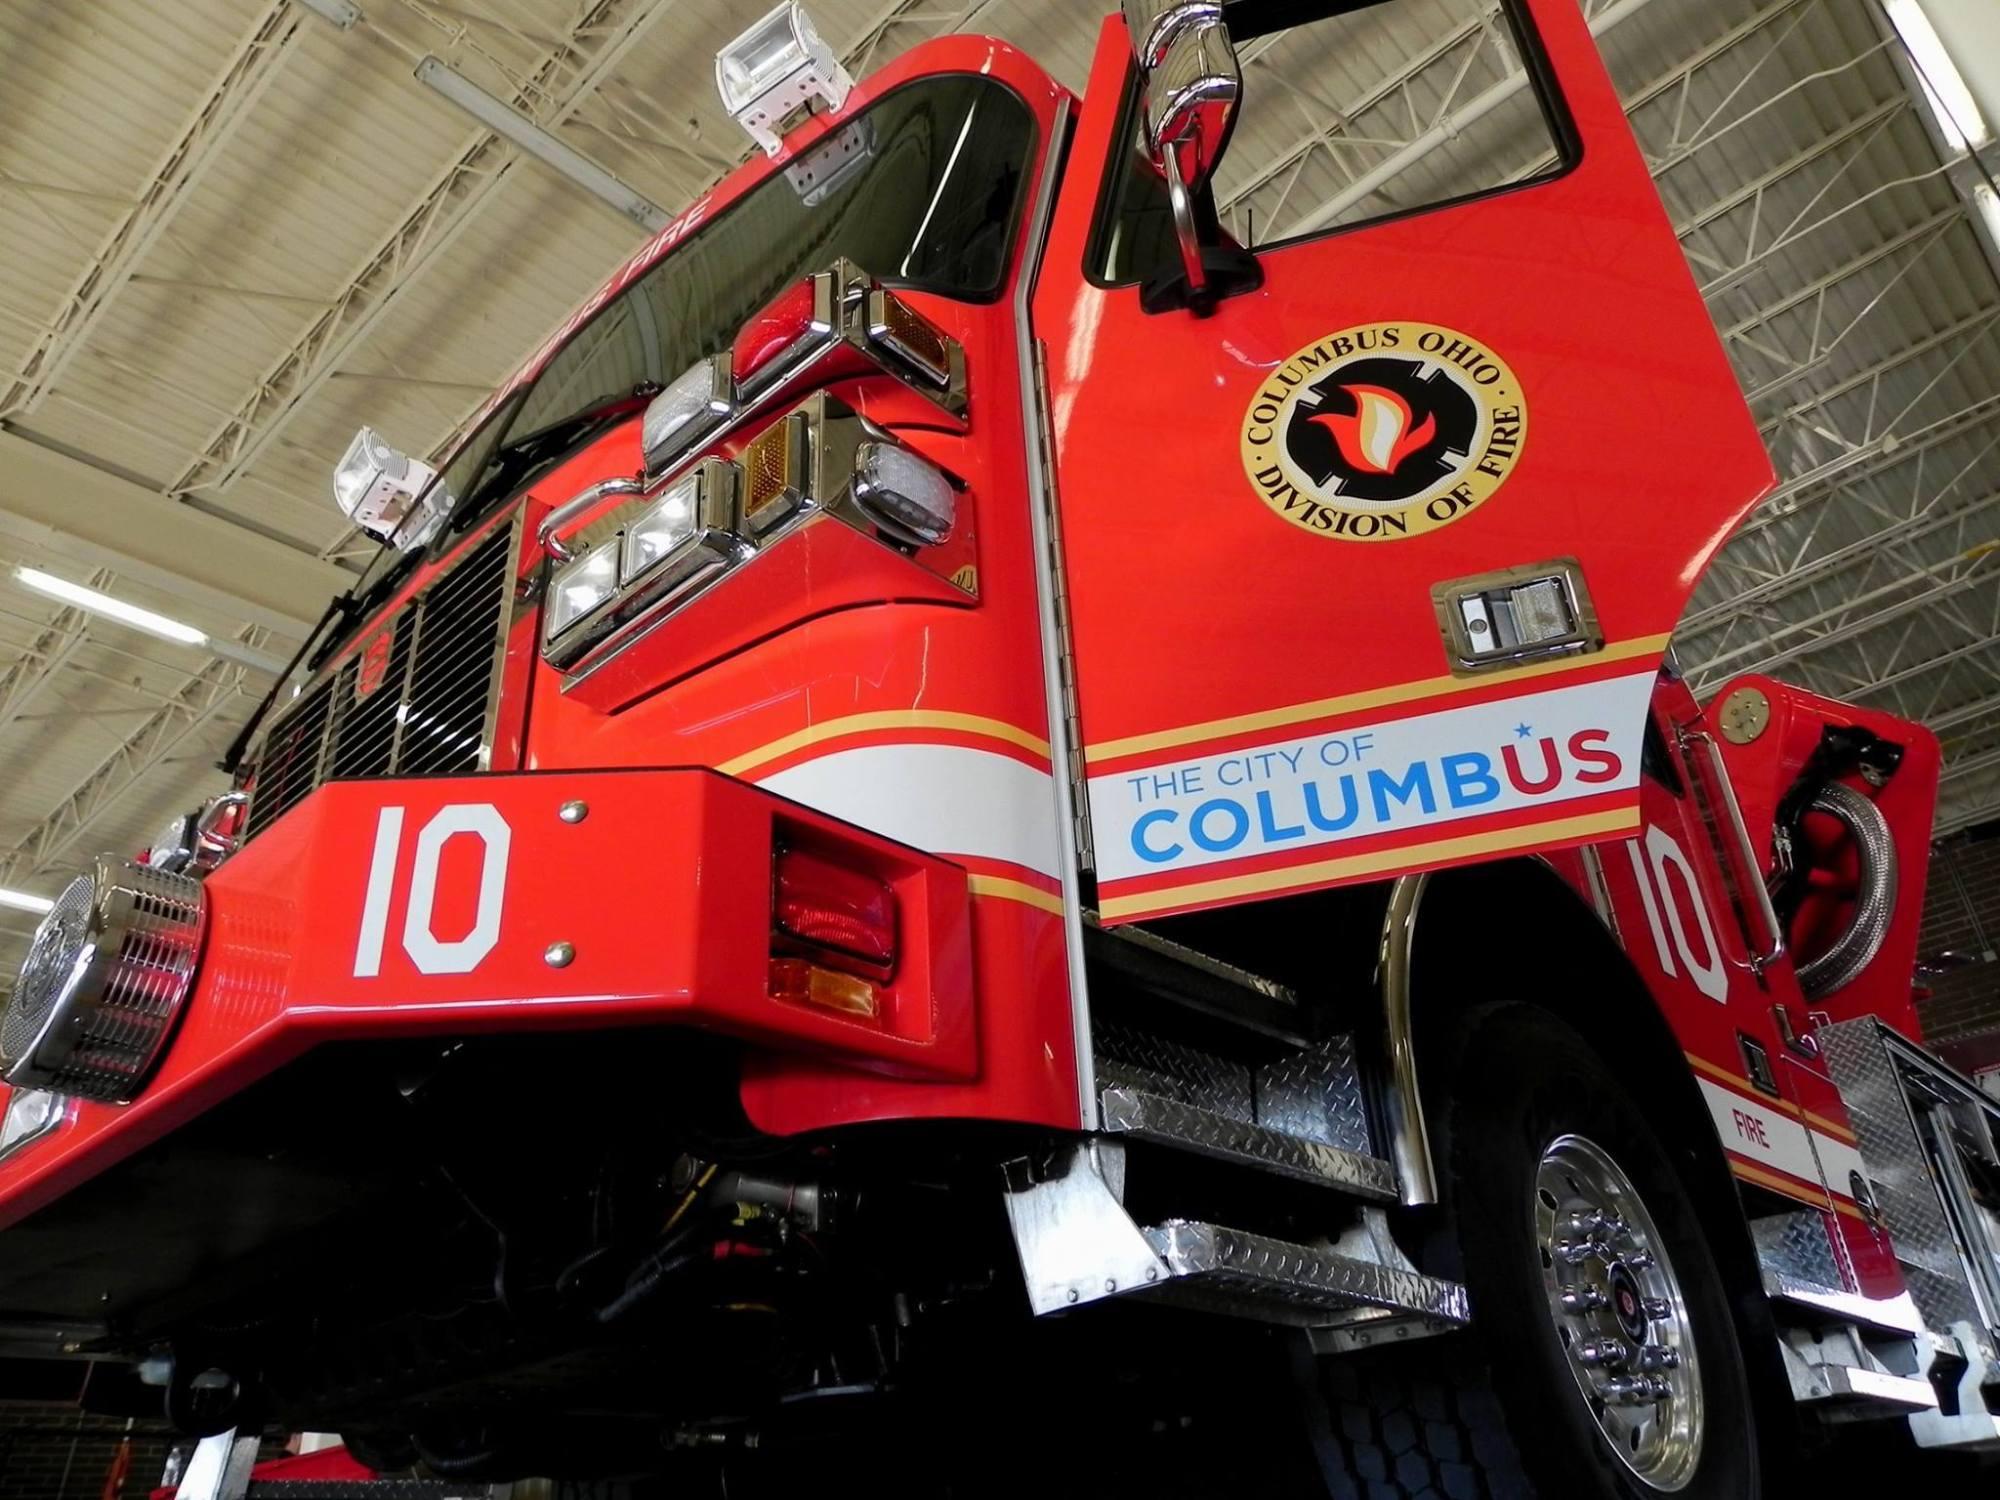 columbus fire truck_15921